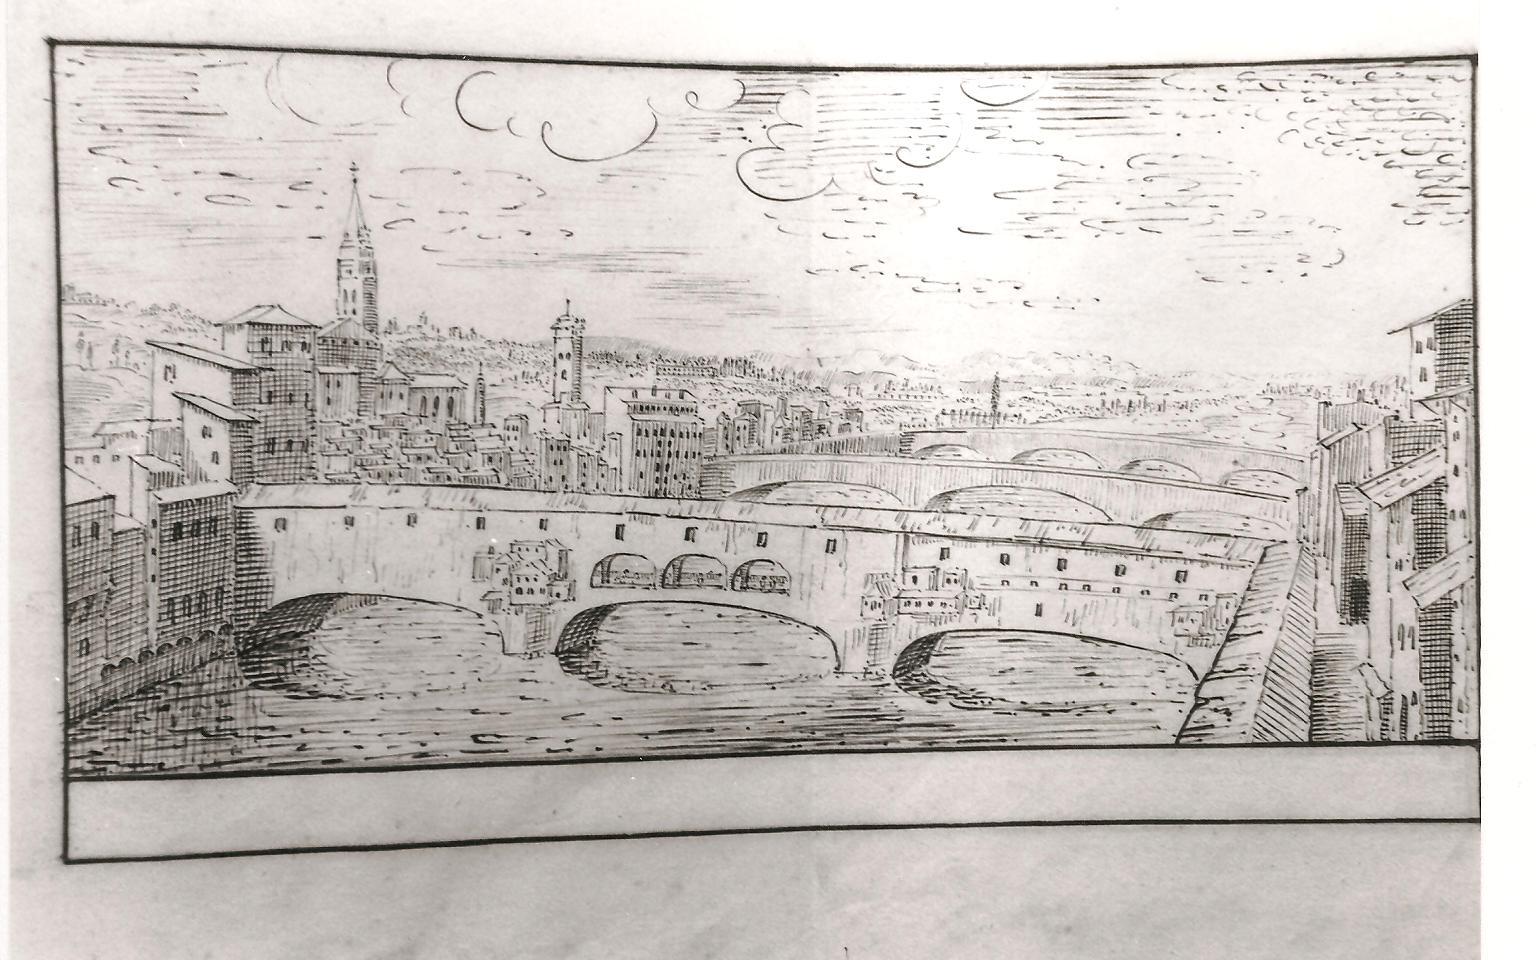 Florence, le Ponte Vecchio (cl. Ph. Cachau)